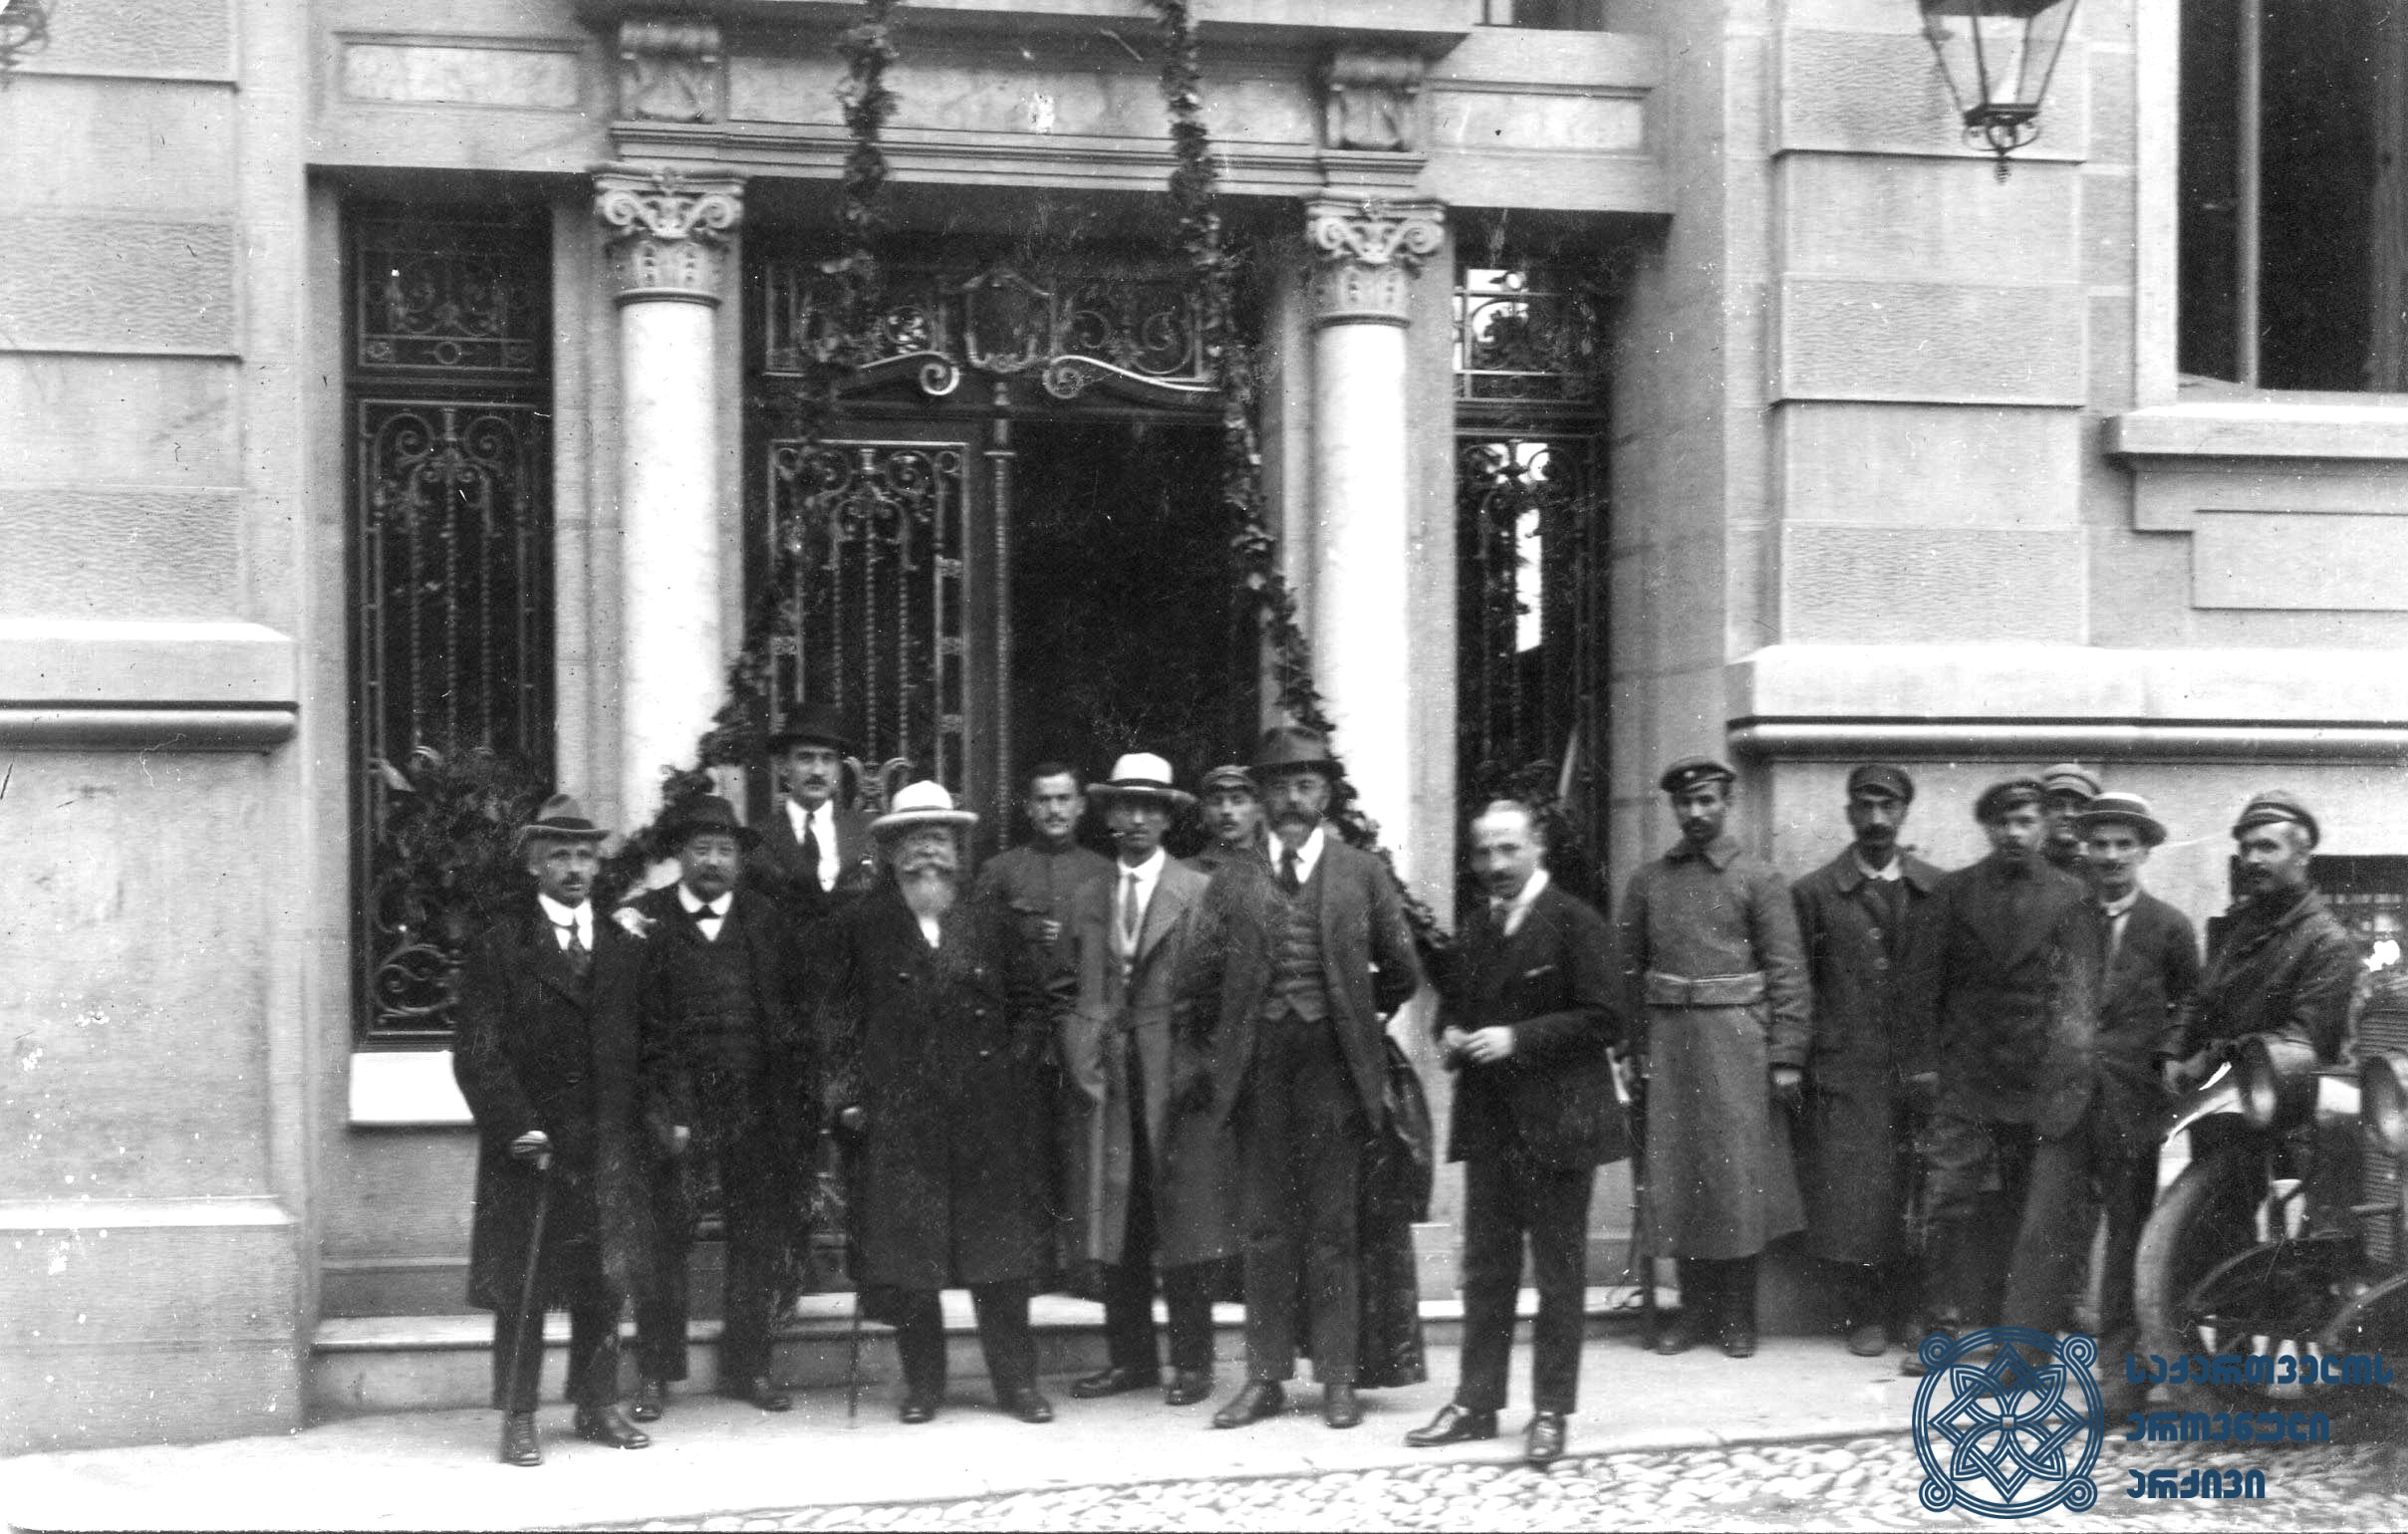 მეორე სოციალისტური ინტერნაციონალის დელეგაცია თბილისის ქუჩებში. 1920 წლის სექტემბერი. <br> Delegation of the Second Socialist International in the streets of Tbilisi. September 1920.